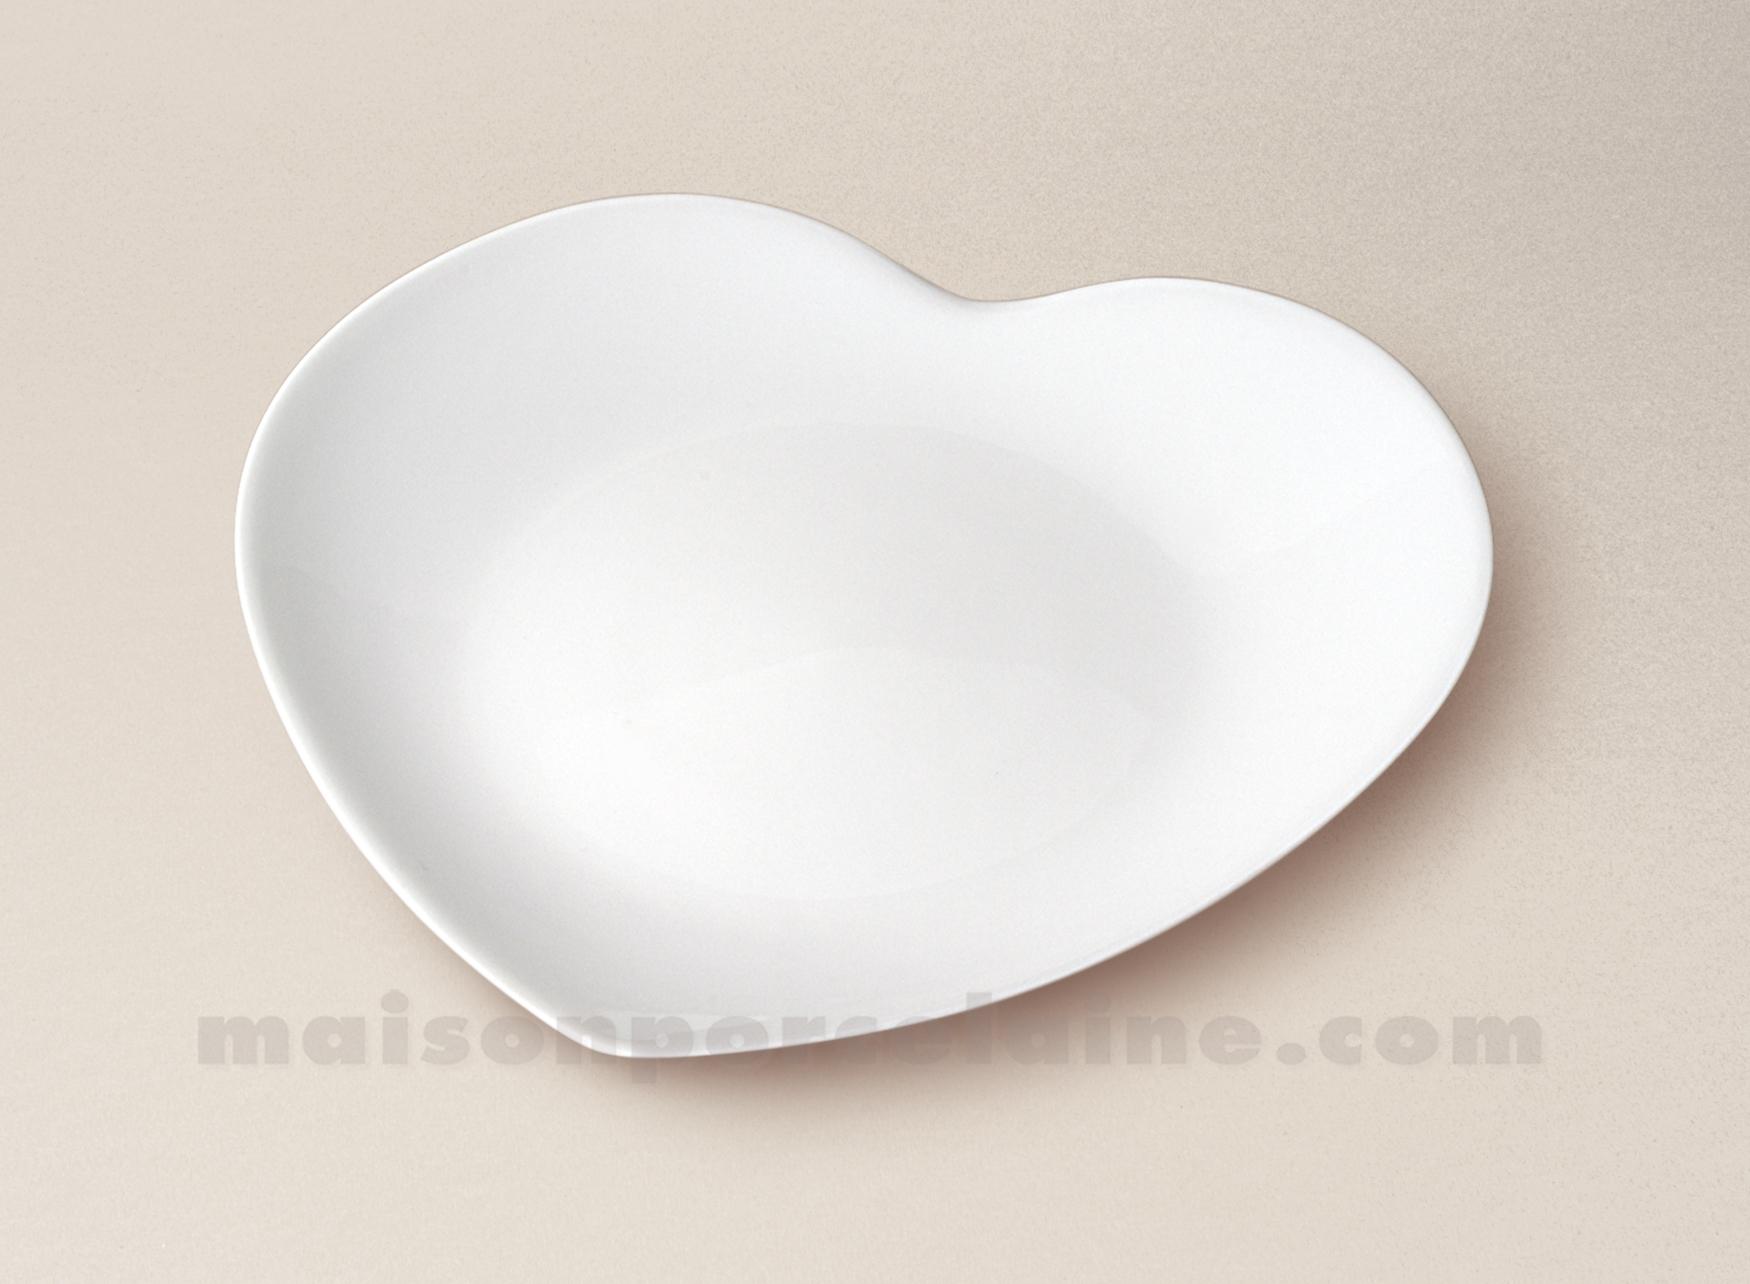 Assiette dessert coeur limoges porcelaine blanche d20 maison de la porcelaine - La porcelaine blanche ...